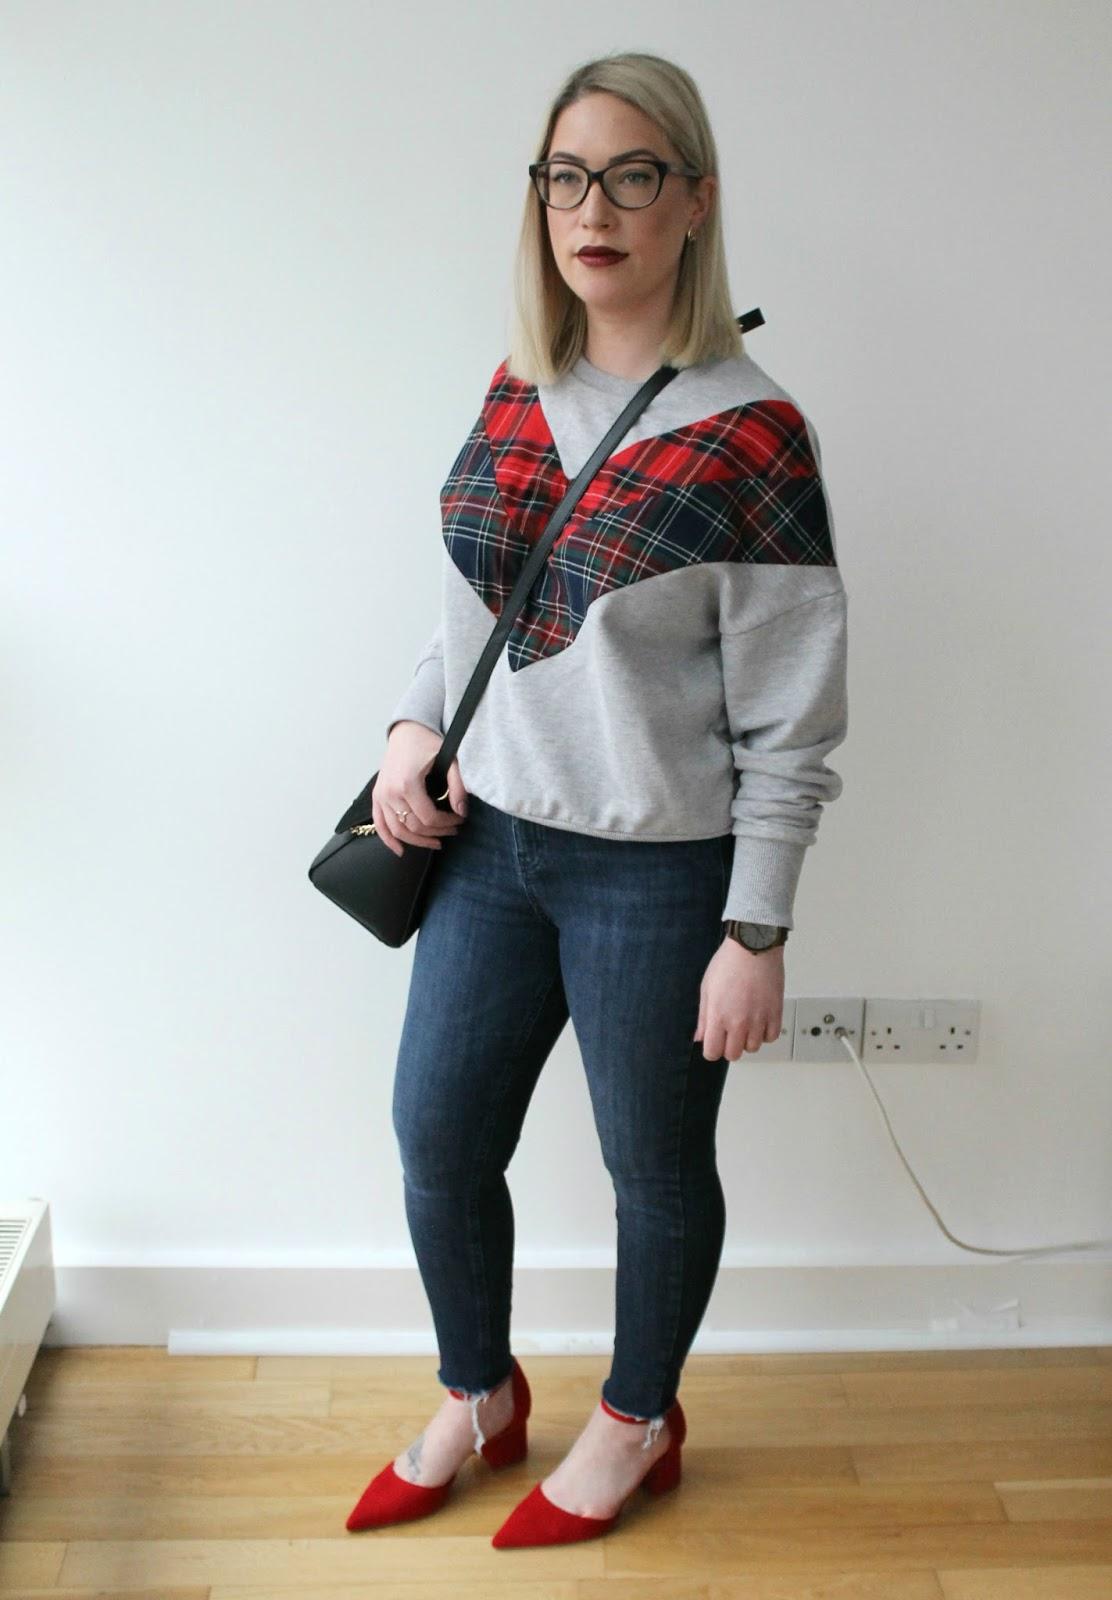 Red Tartan Sweatshirt, Chloe Dupe Bag, Topshop Skinny Jeans